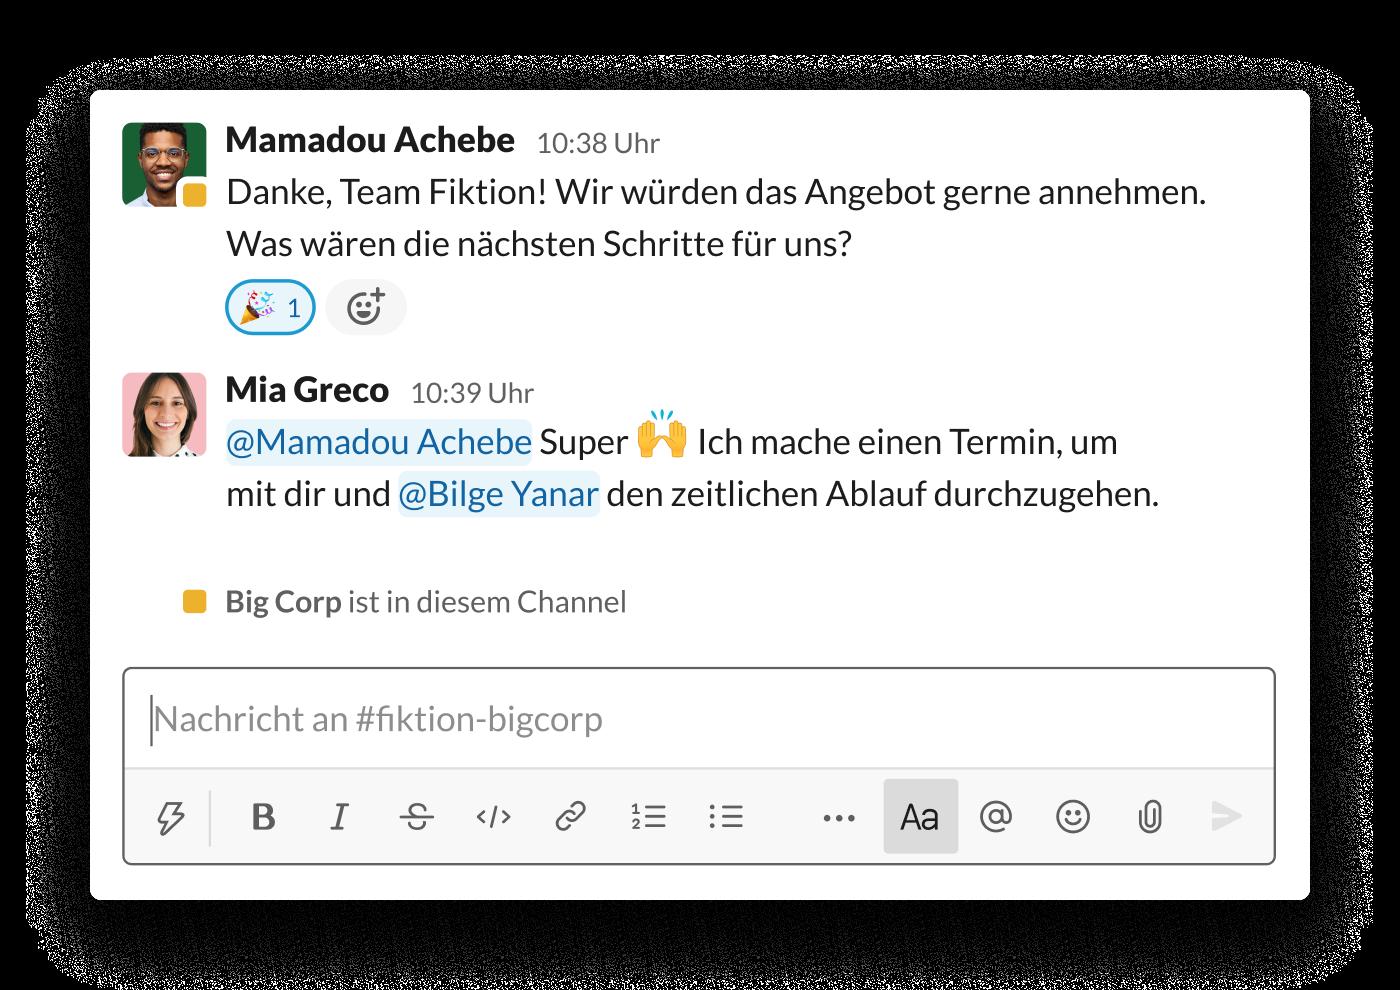 Zwei Unternehmen vereinbaren in einem Geteilten Slack-Channel die nächsten Schritte für ein Angebot